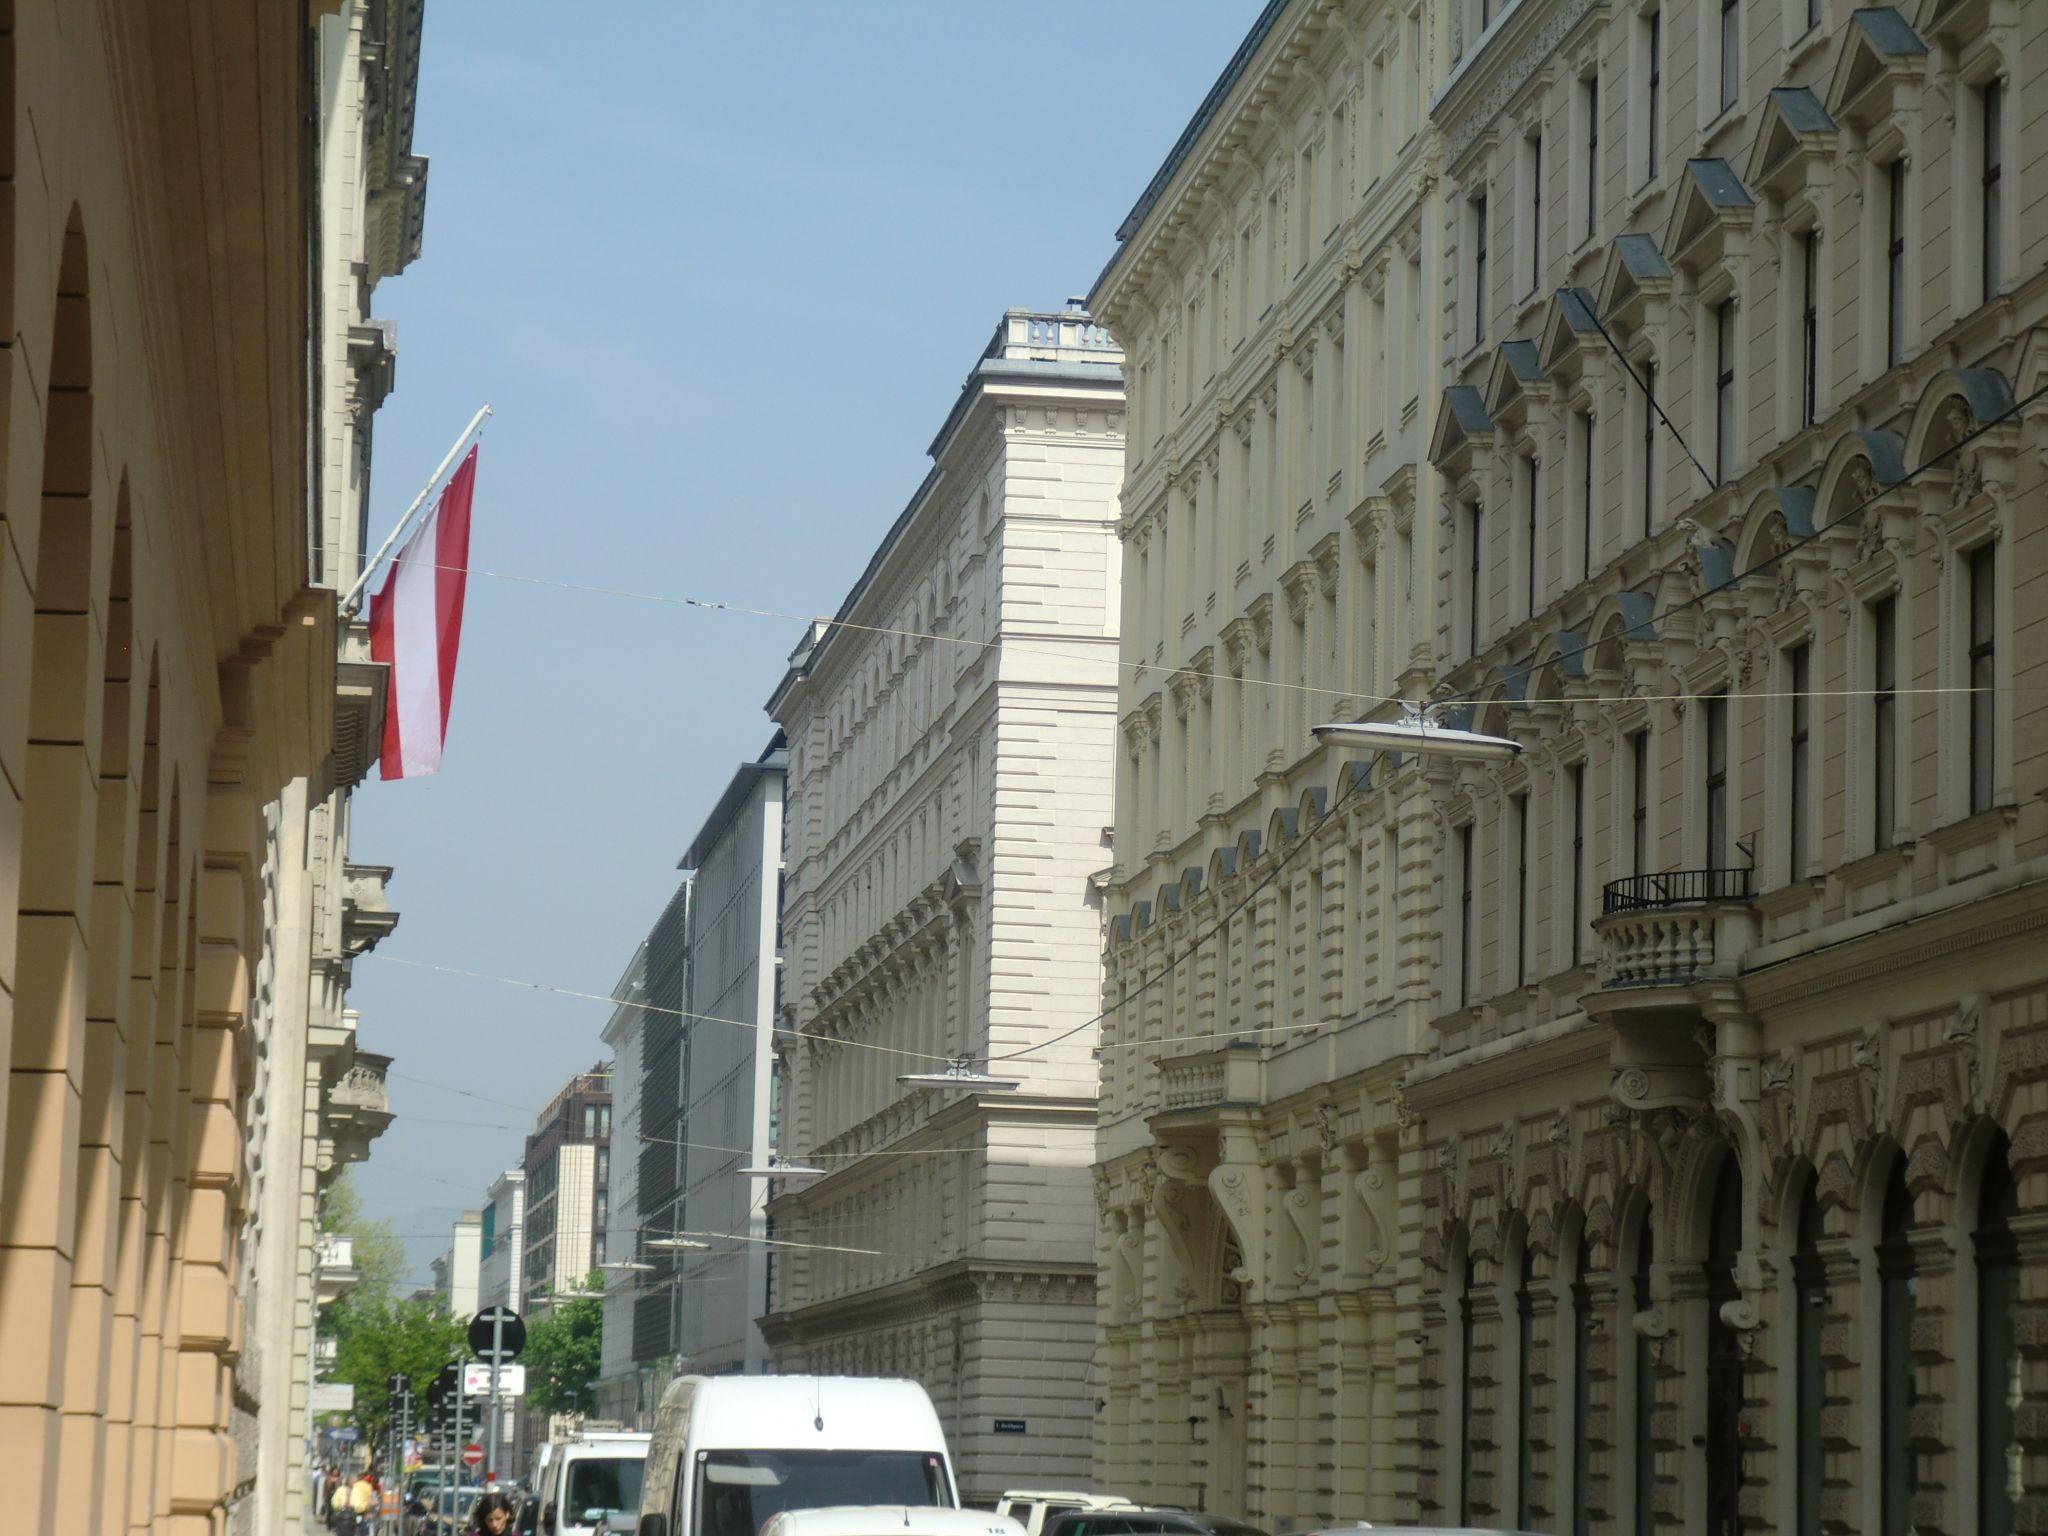 Vienna architecture 19 1440x1080 - Vienna: elegant beauty